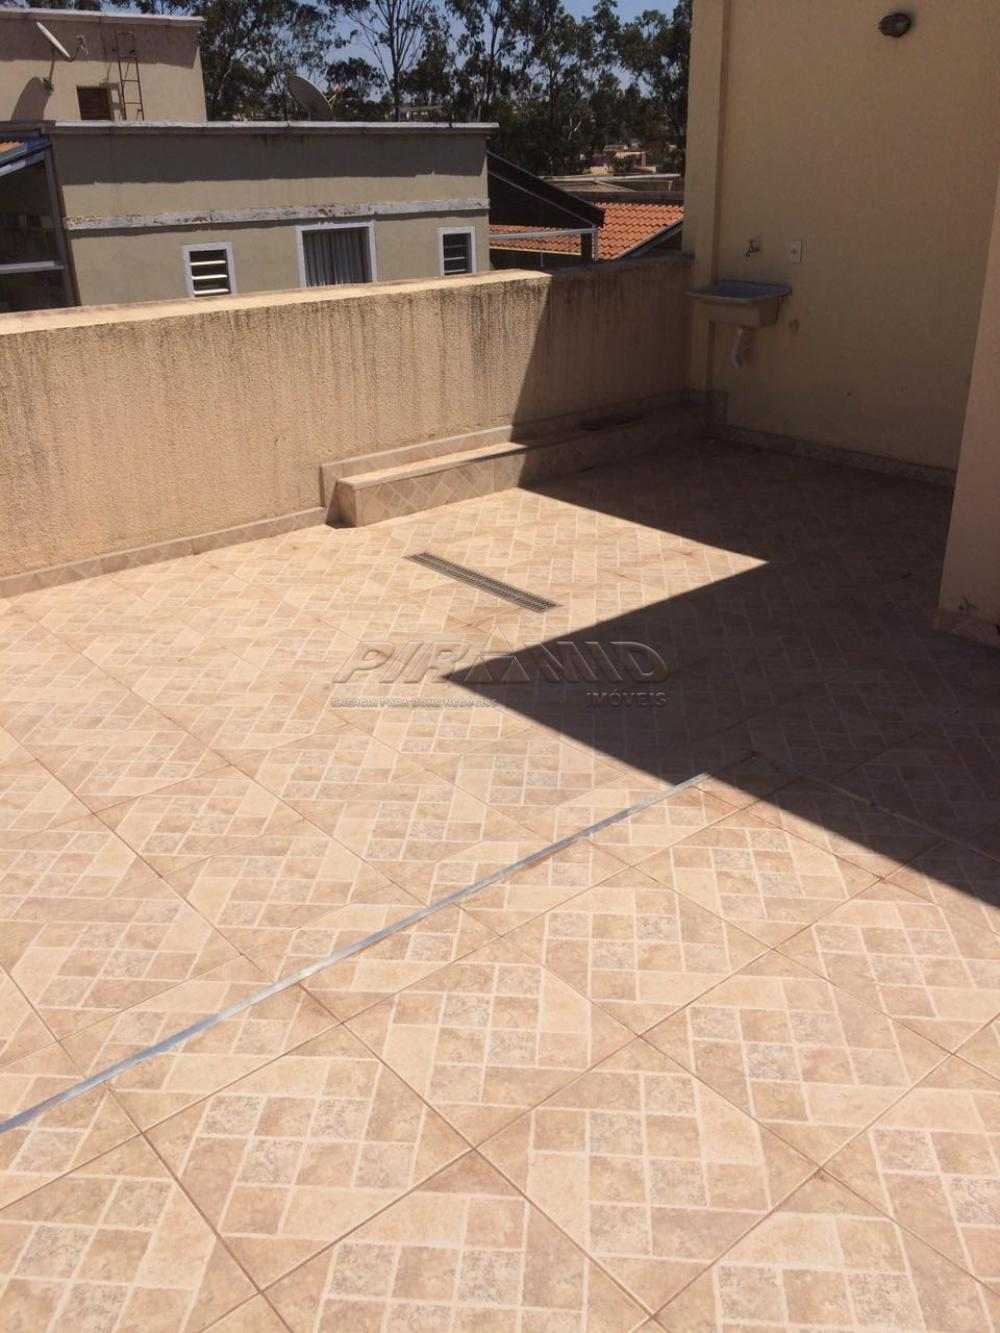 Comprar Apartamento / Cobertura em Ribeirão Preto apenas R$ 265.000,00 - Foto 10